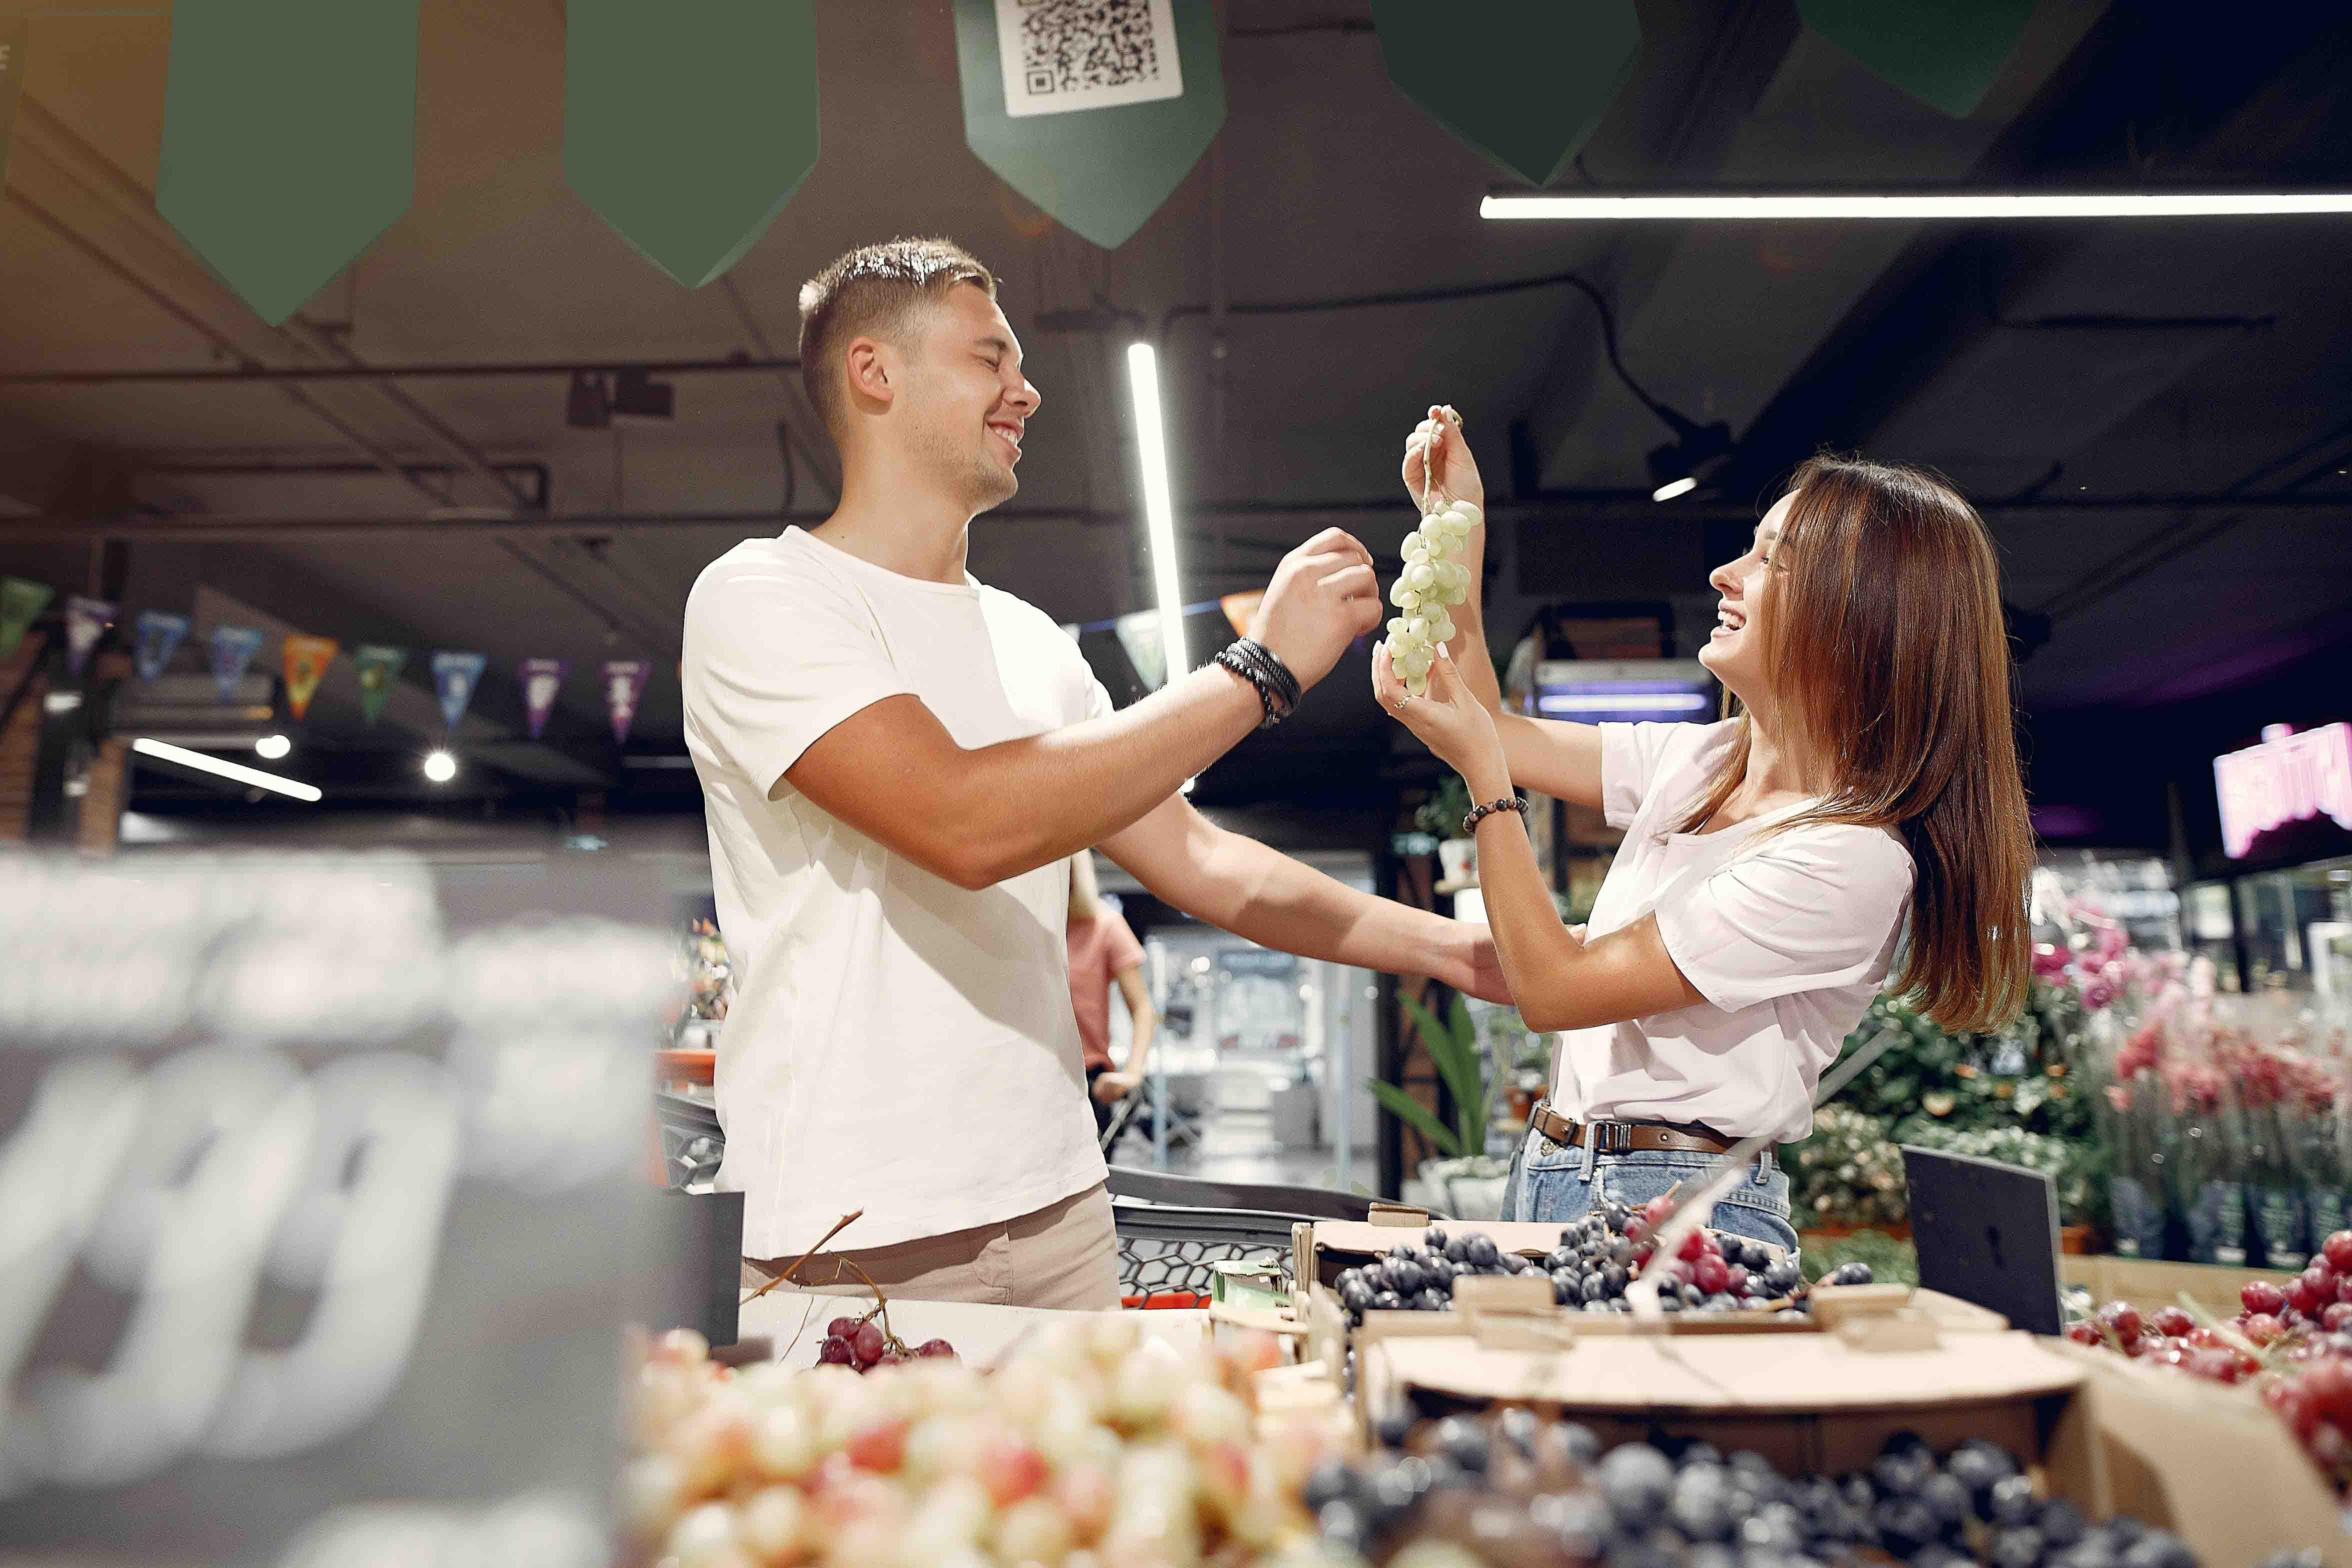 yêu thương - cặp đôi đi siêu thị